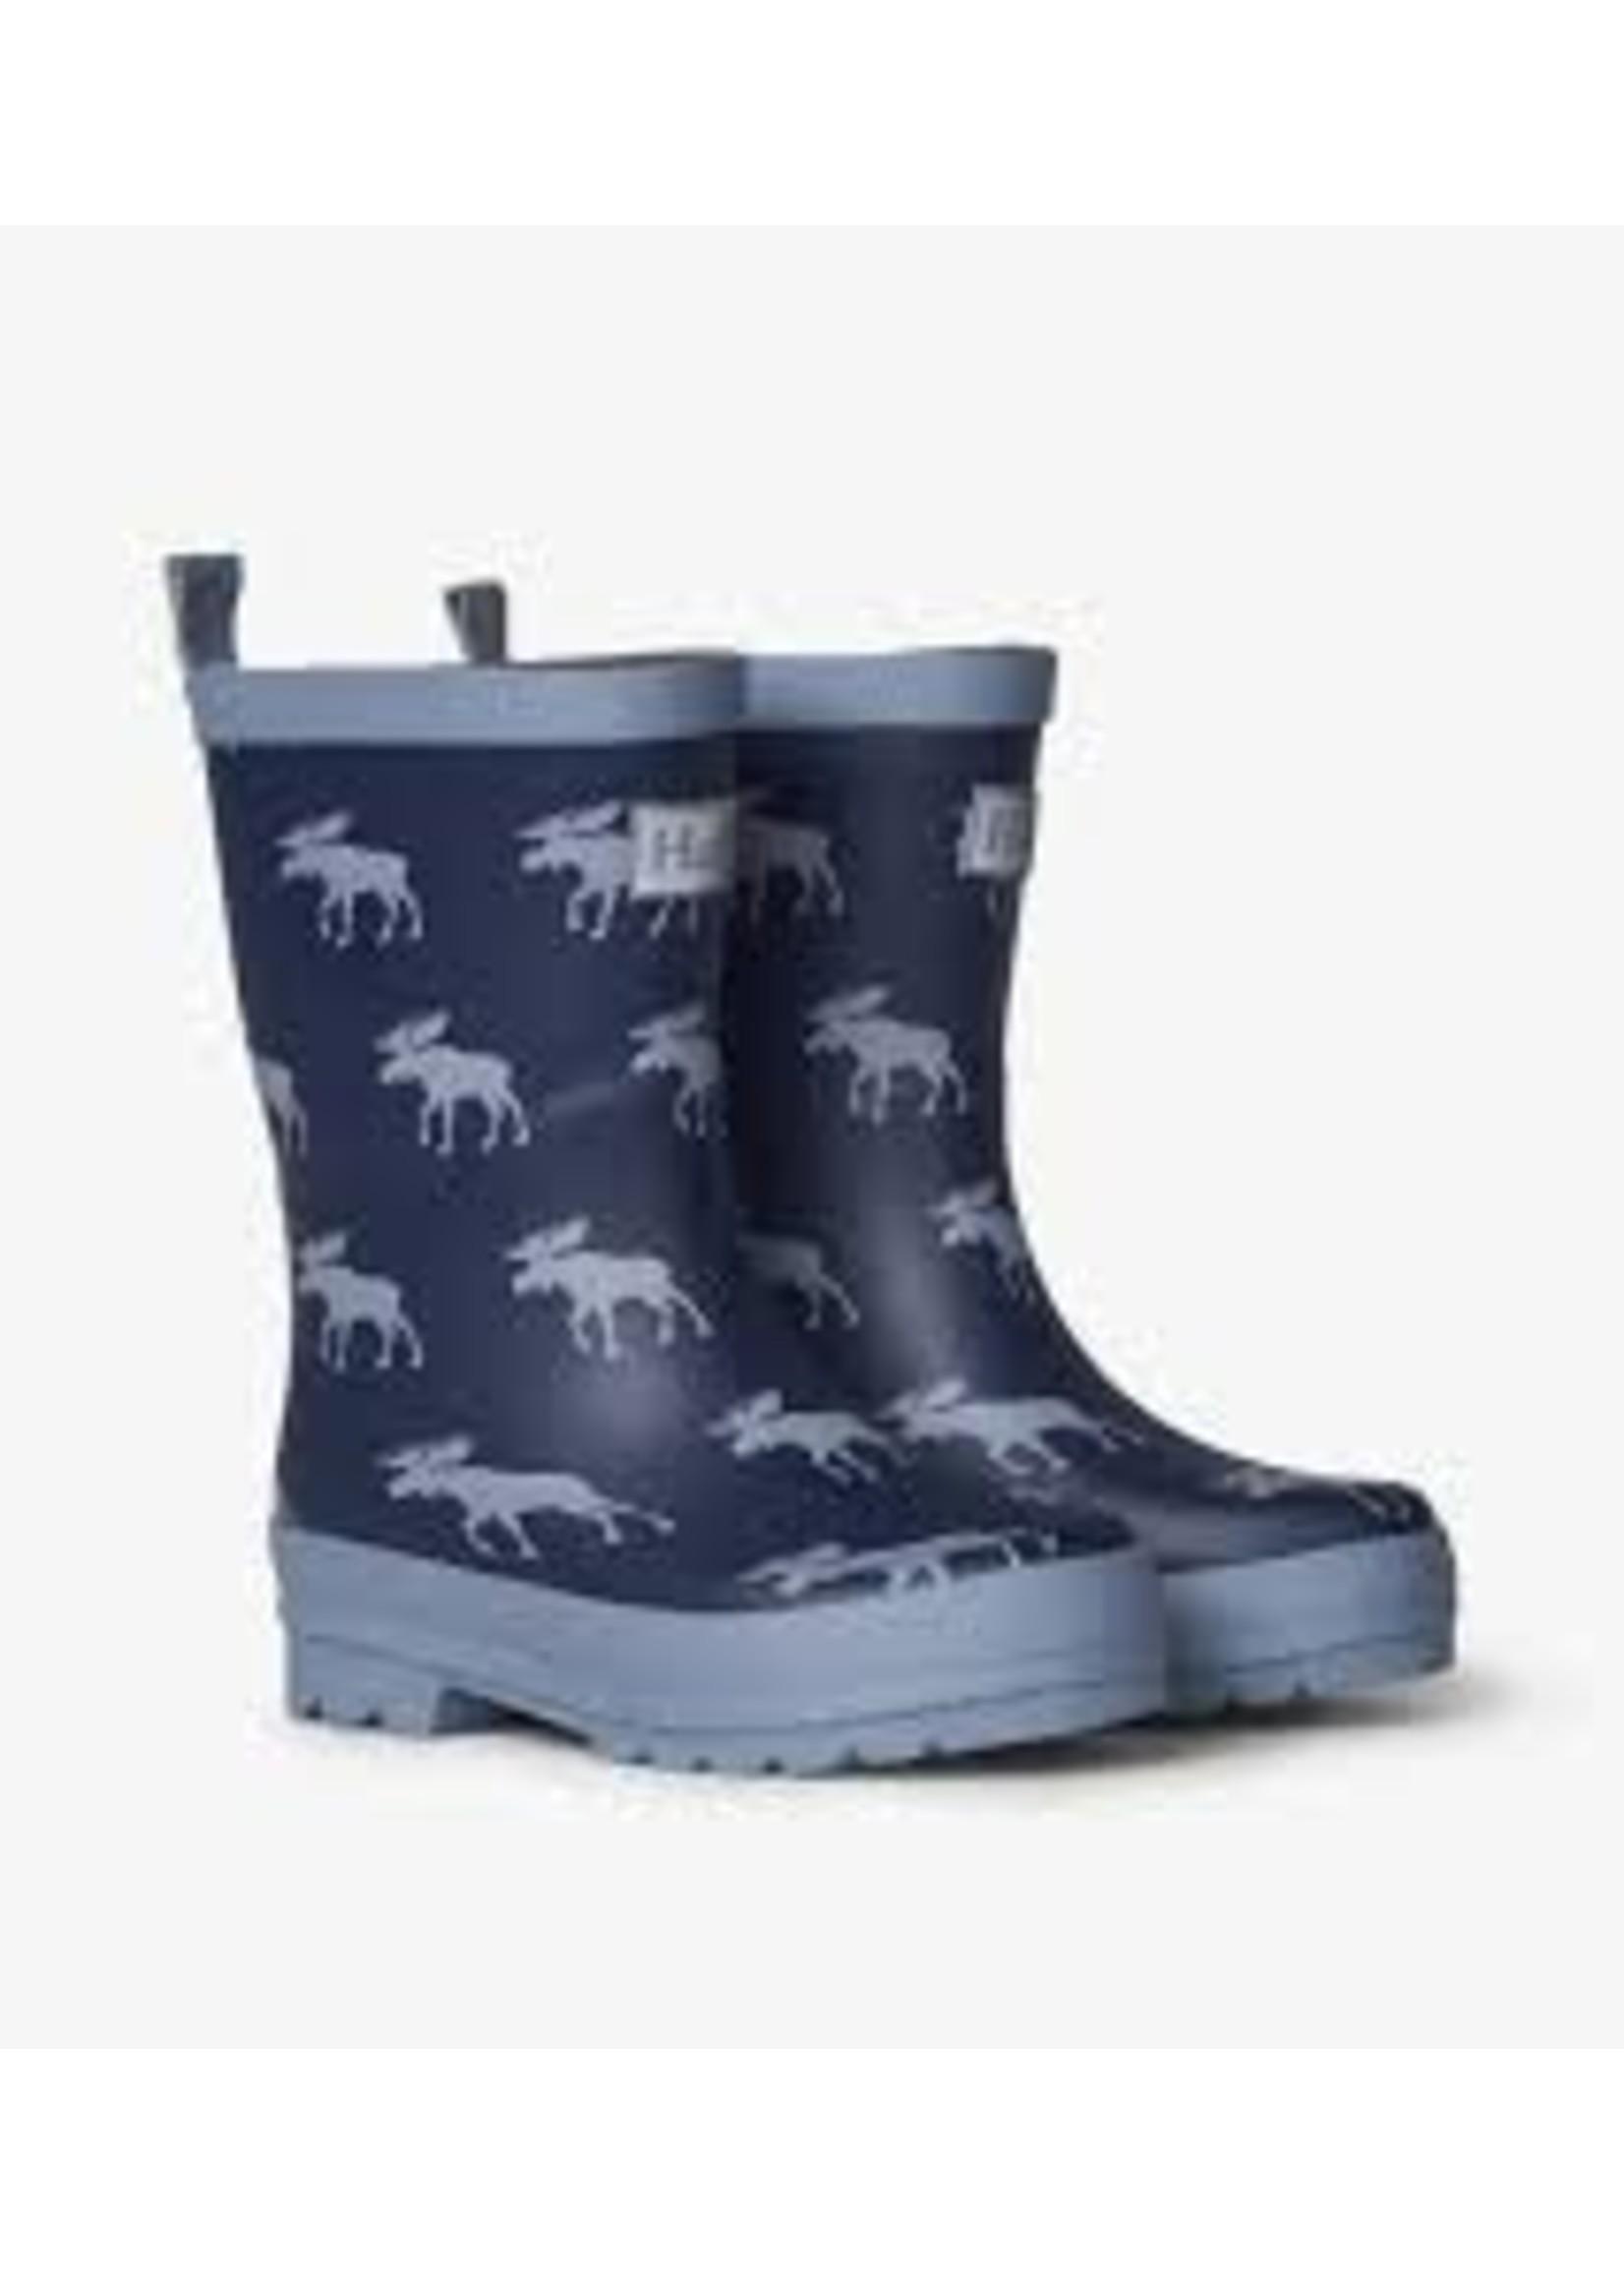 Hatley MOOSE SILHOUETTES RAIN BOOTS F19MOK1367